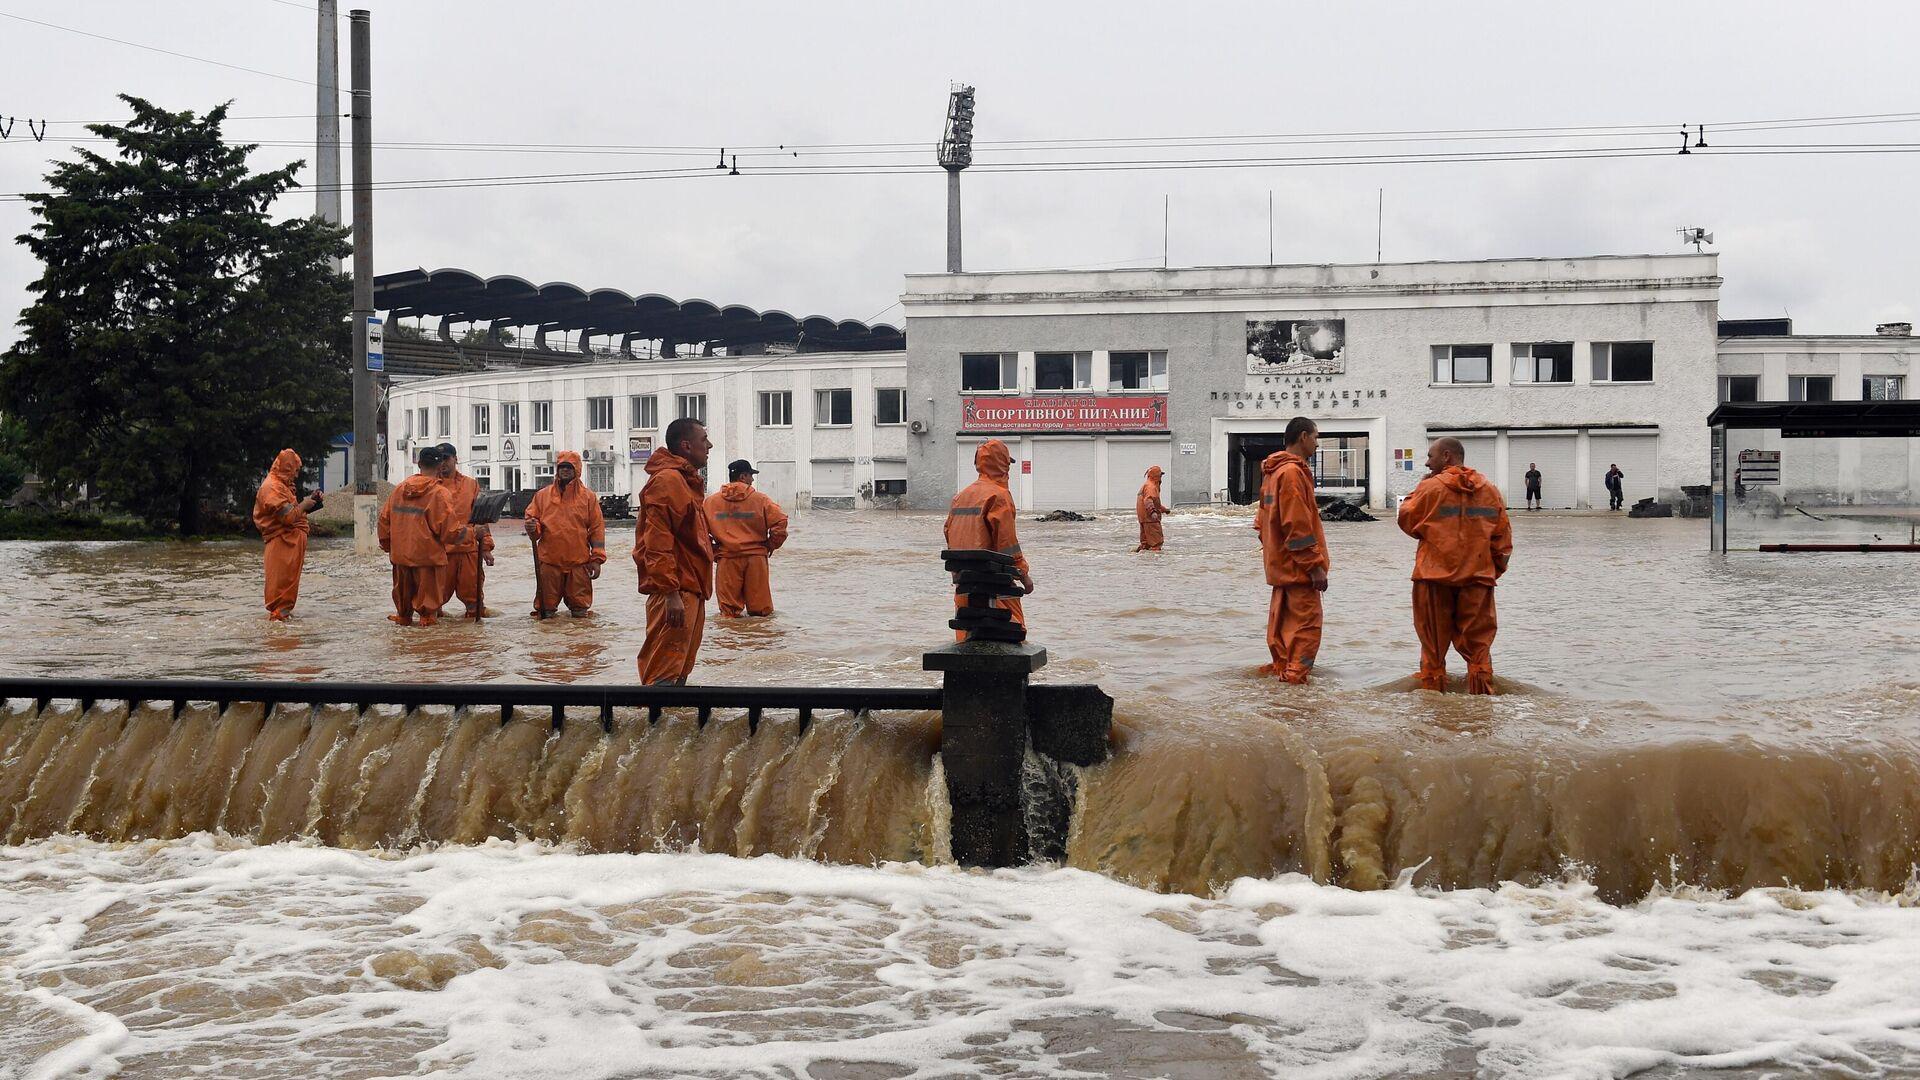 Специалисты обследуют состояние норильских водоемов после аварии на ТЭЦ